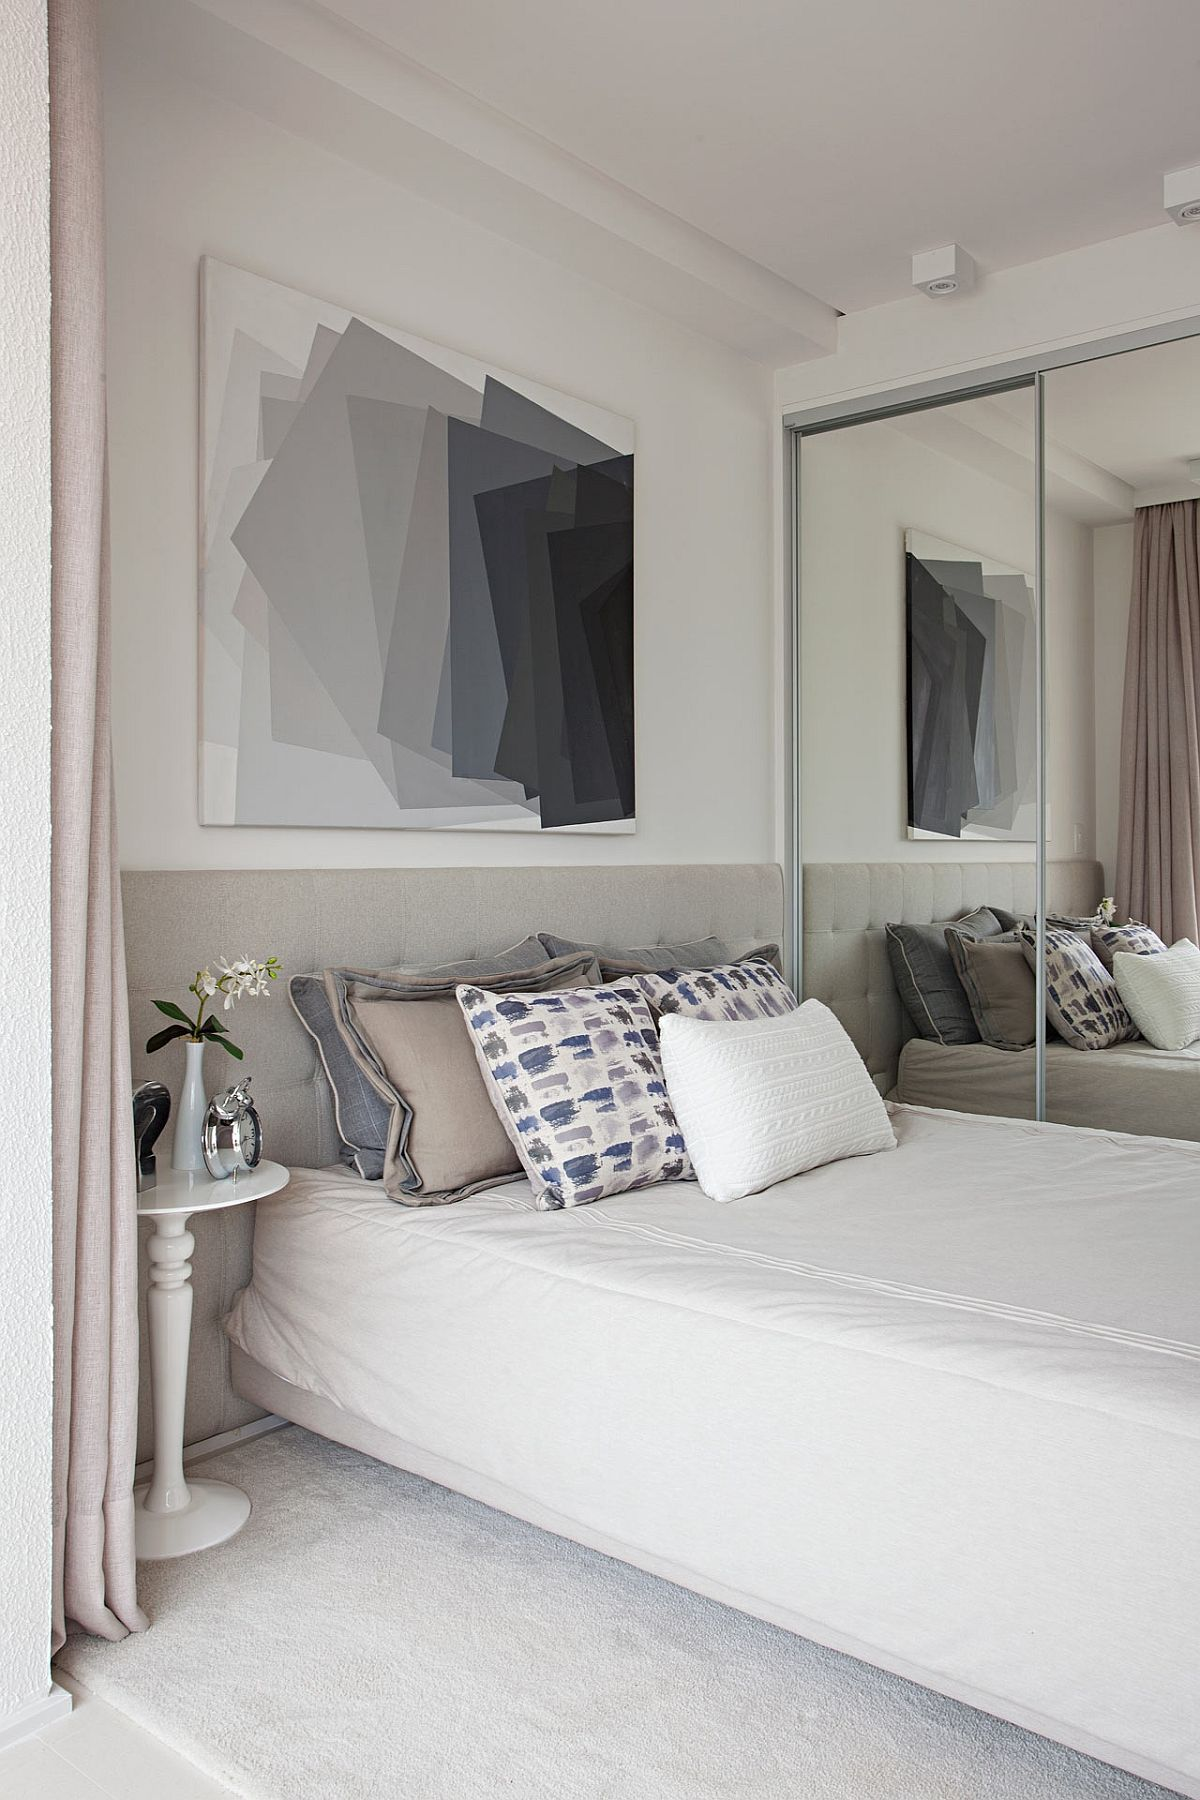 Spațiul de depozitare este configurat sub forma unui dulap cu uși culisante, toate fețele fiind îmbrăcate cu oglinzi.